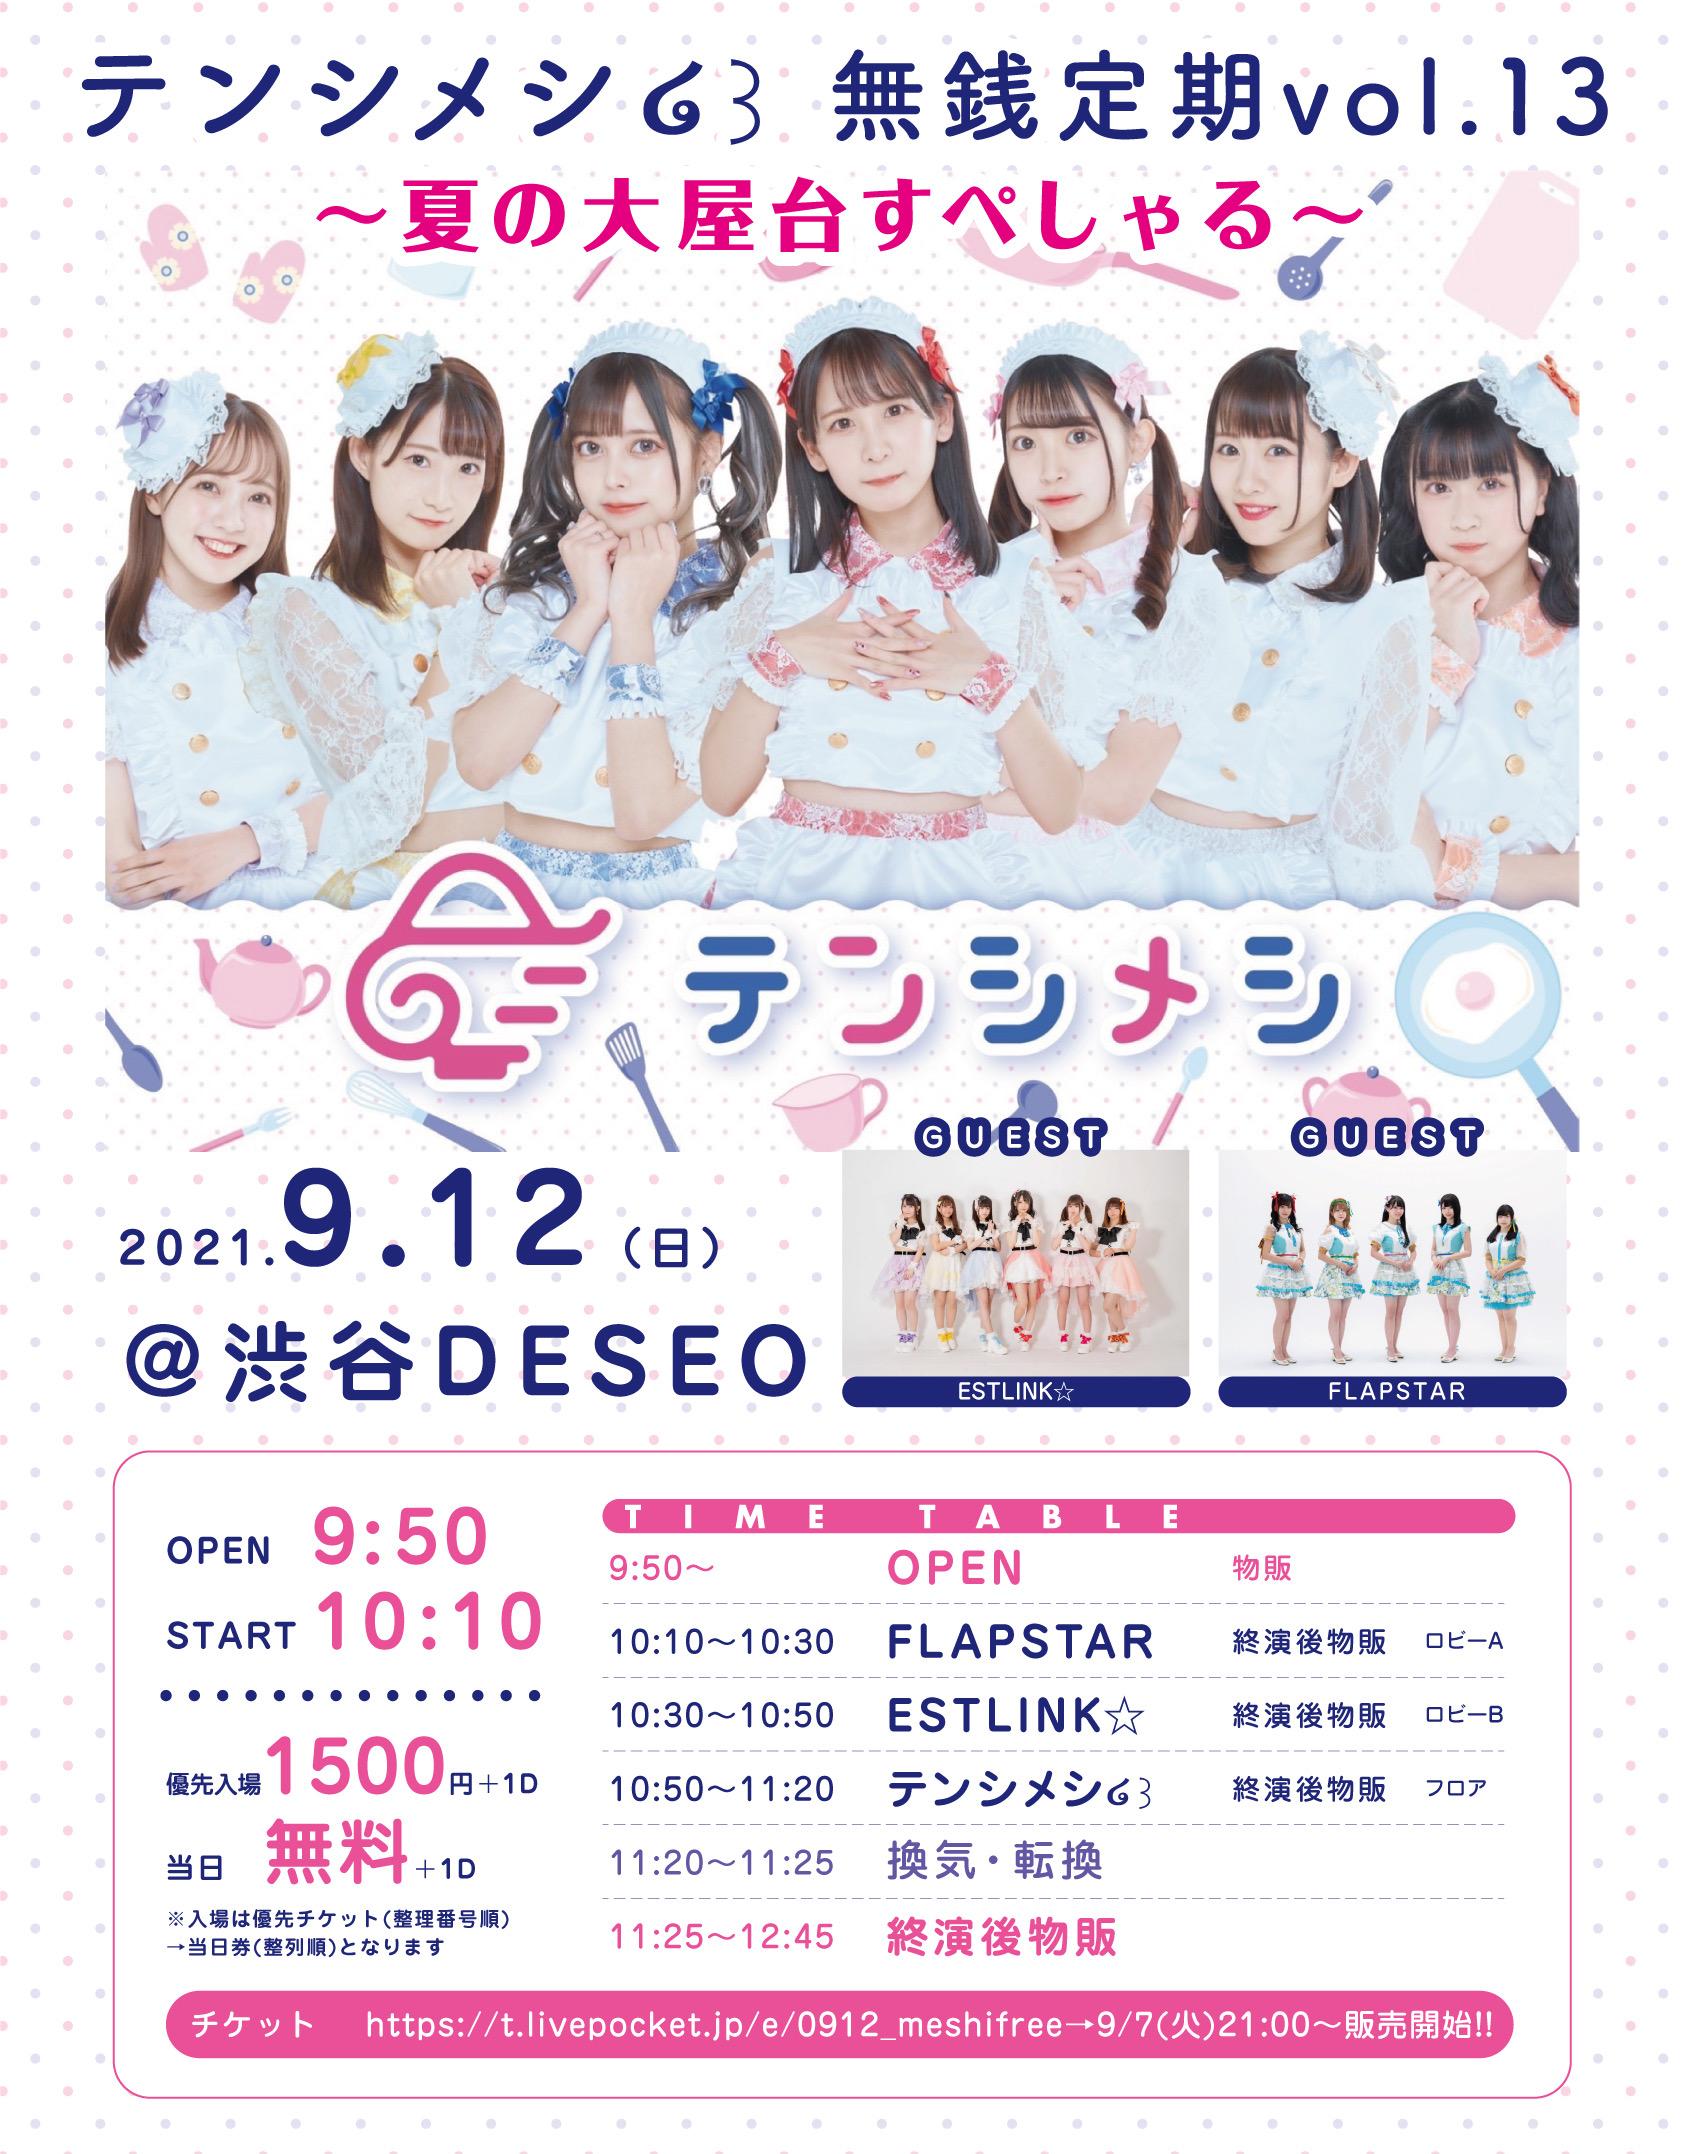 2021/9/12(日) 『テンシメシ໒꒱無銭定期vol.13』〜夏の大屋台すぺしゃる〜 渋谷DESEO